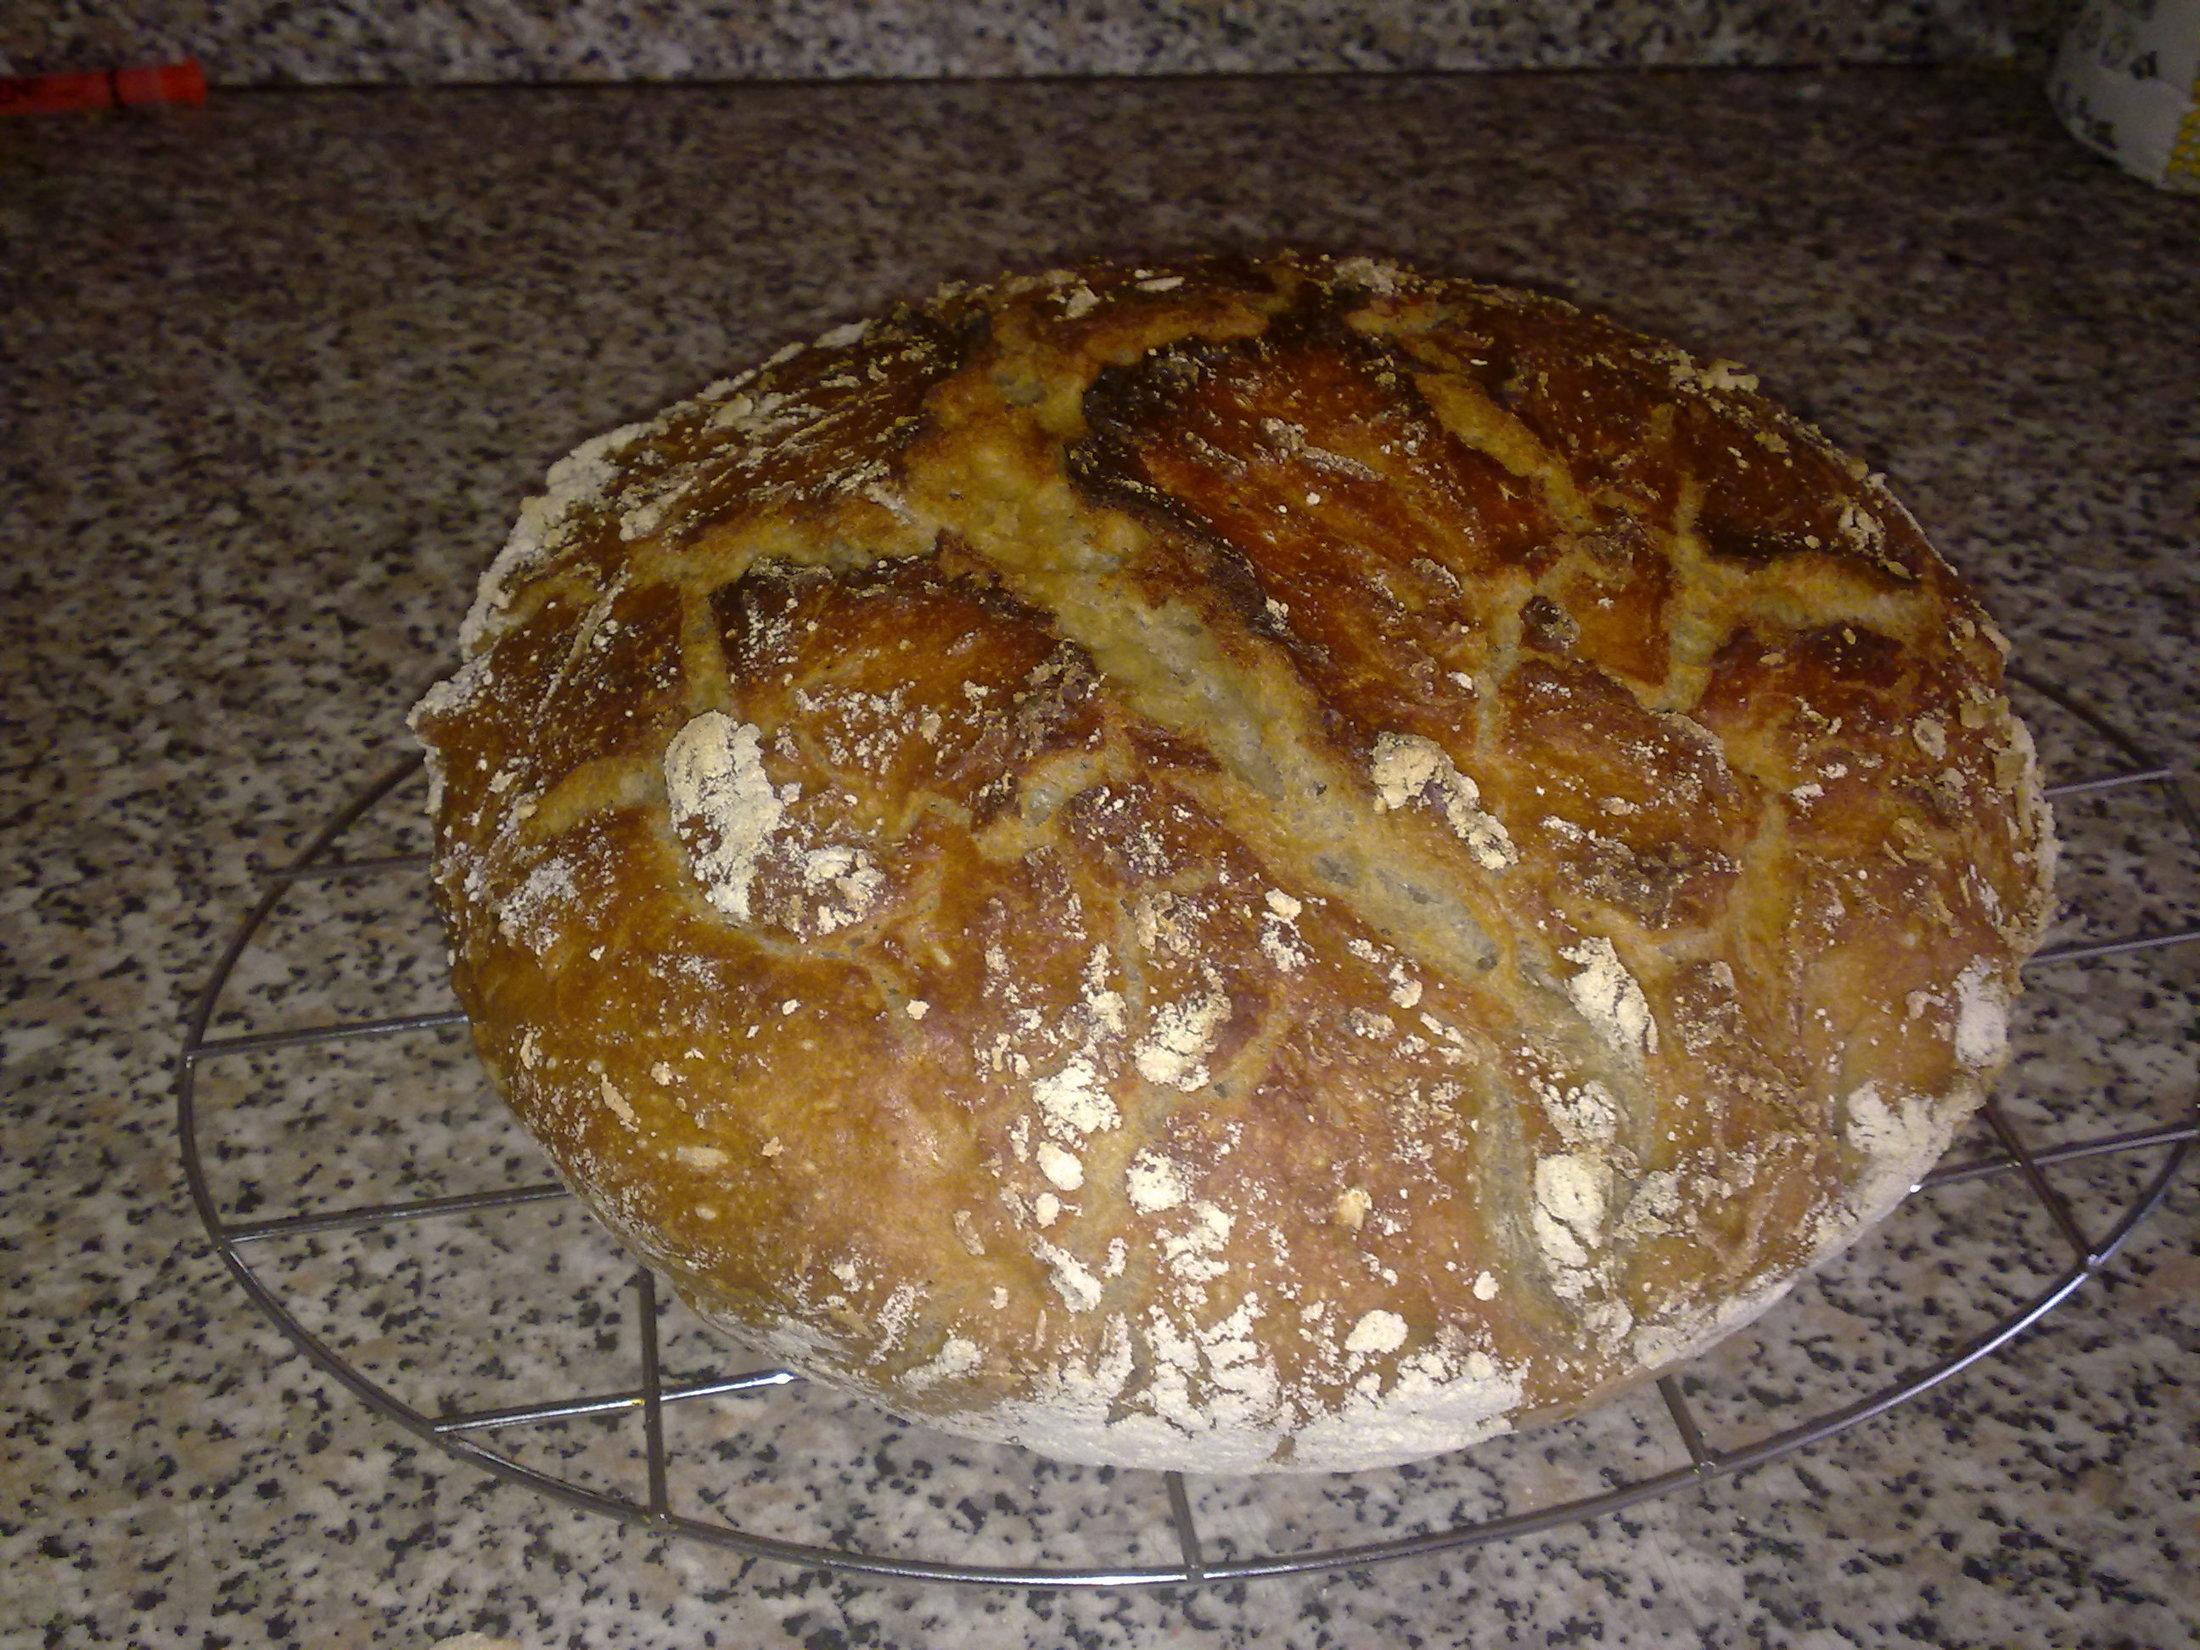 Recept Domácí chleba bez hnětení - Hotovo - chléb je nádherný. Už se těším na ochutnávku.